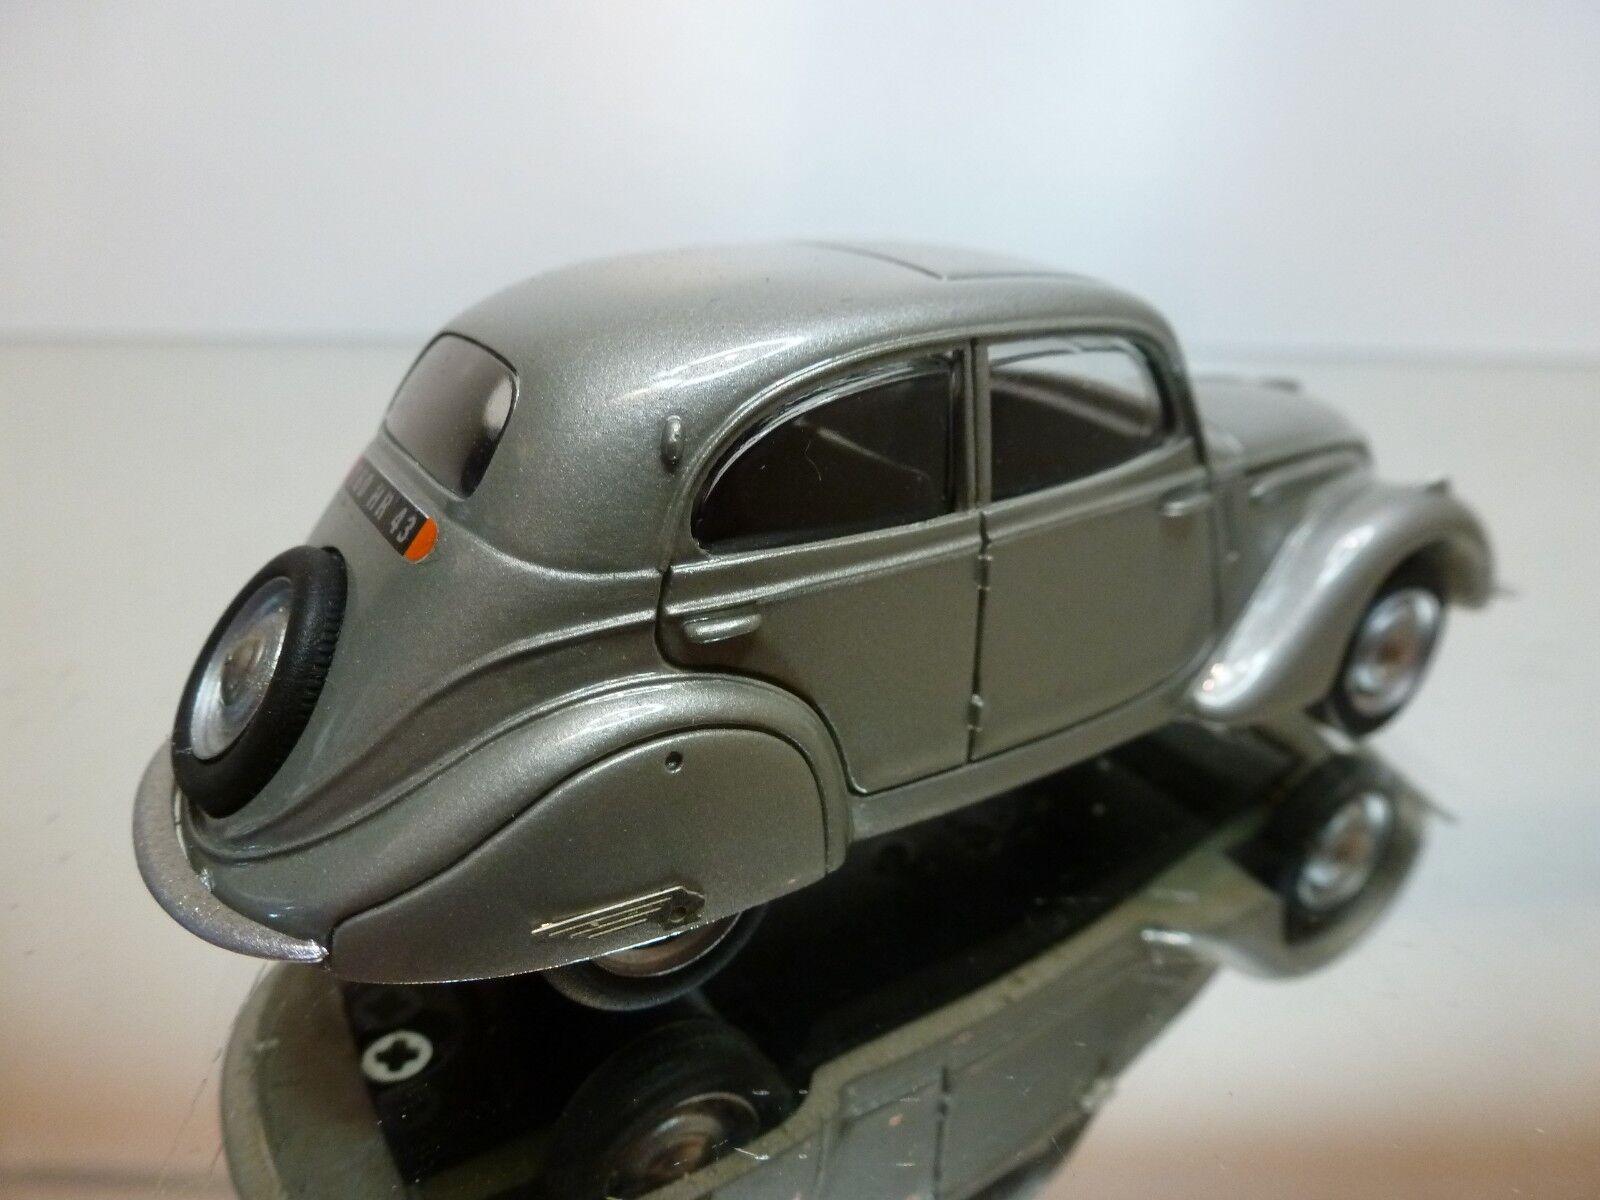 PARADCAR PEUGEOT 208 BERLINE 1938 - GREY METALLIC 1 1 1 43 - EXCELLENT CONDITION -12 e9d264